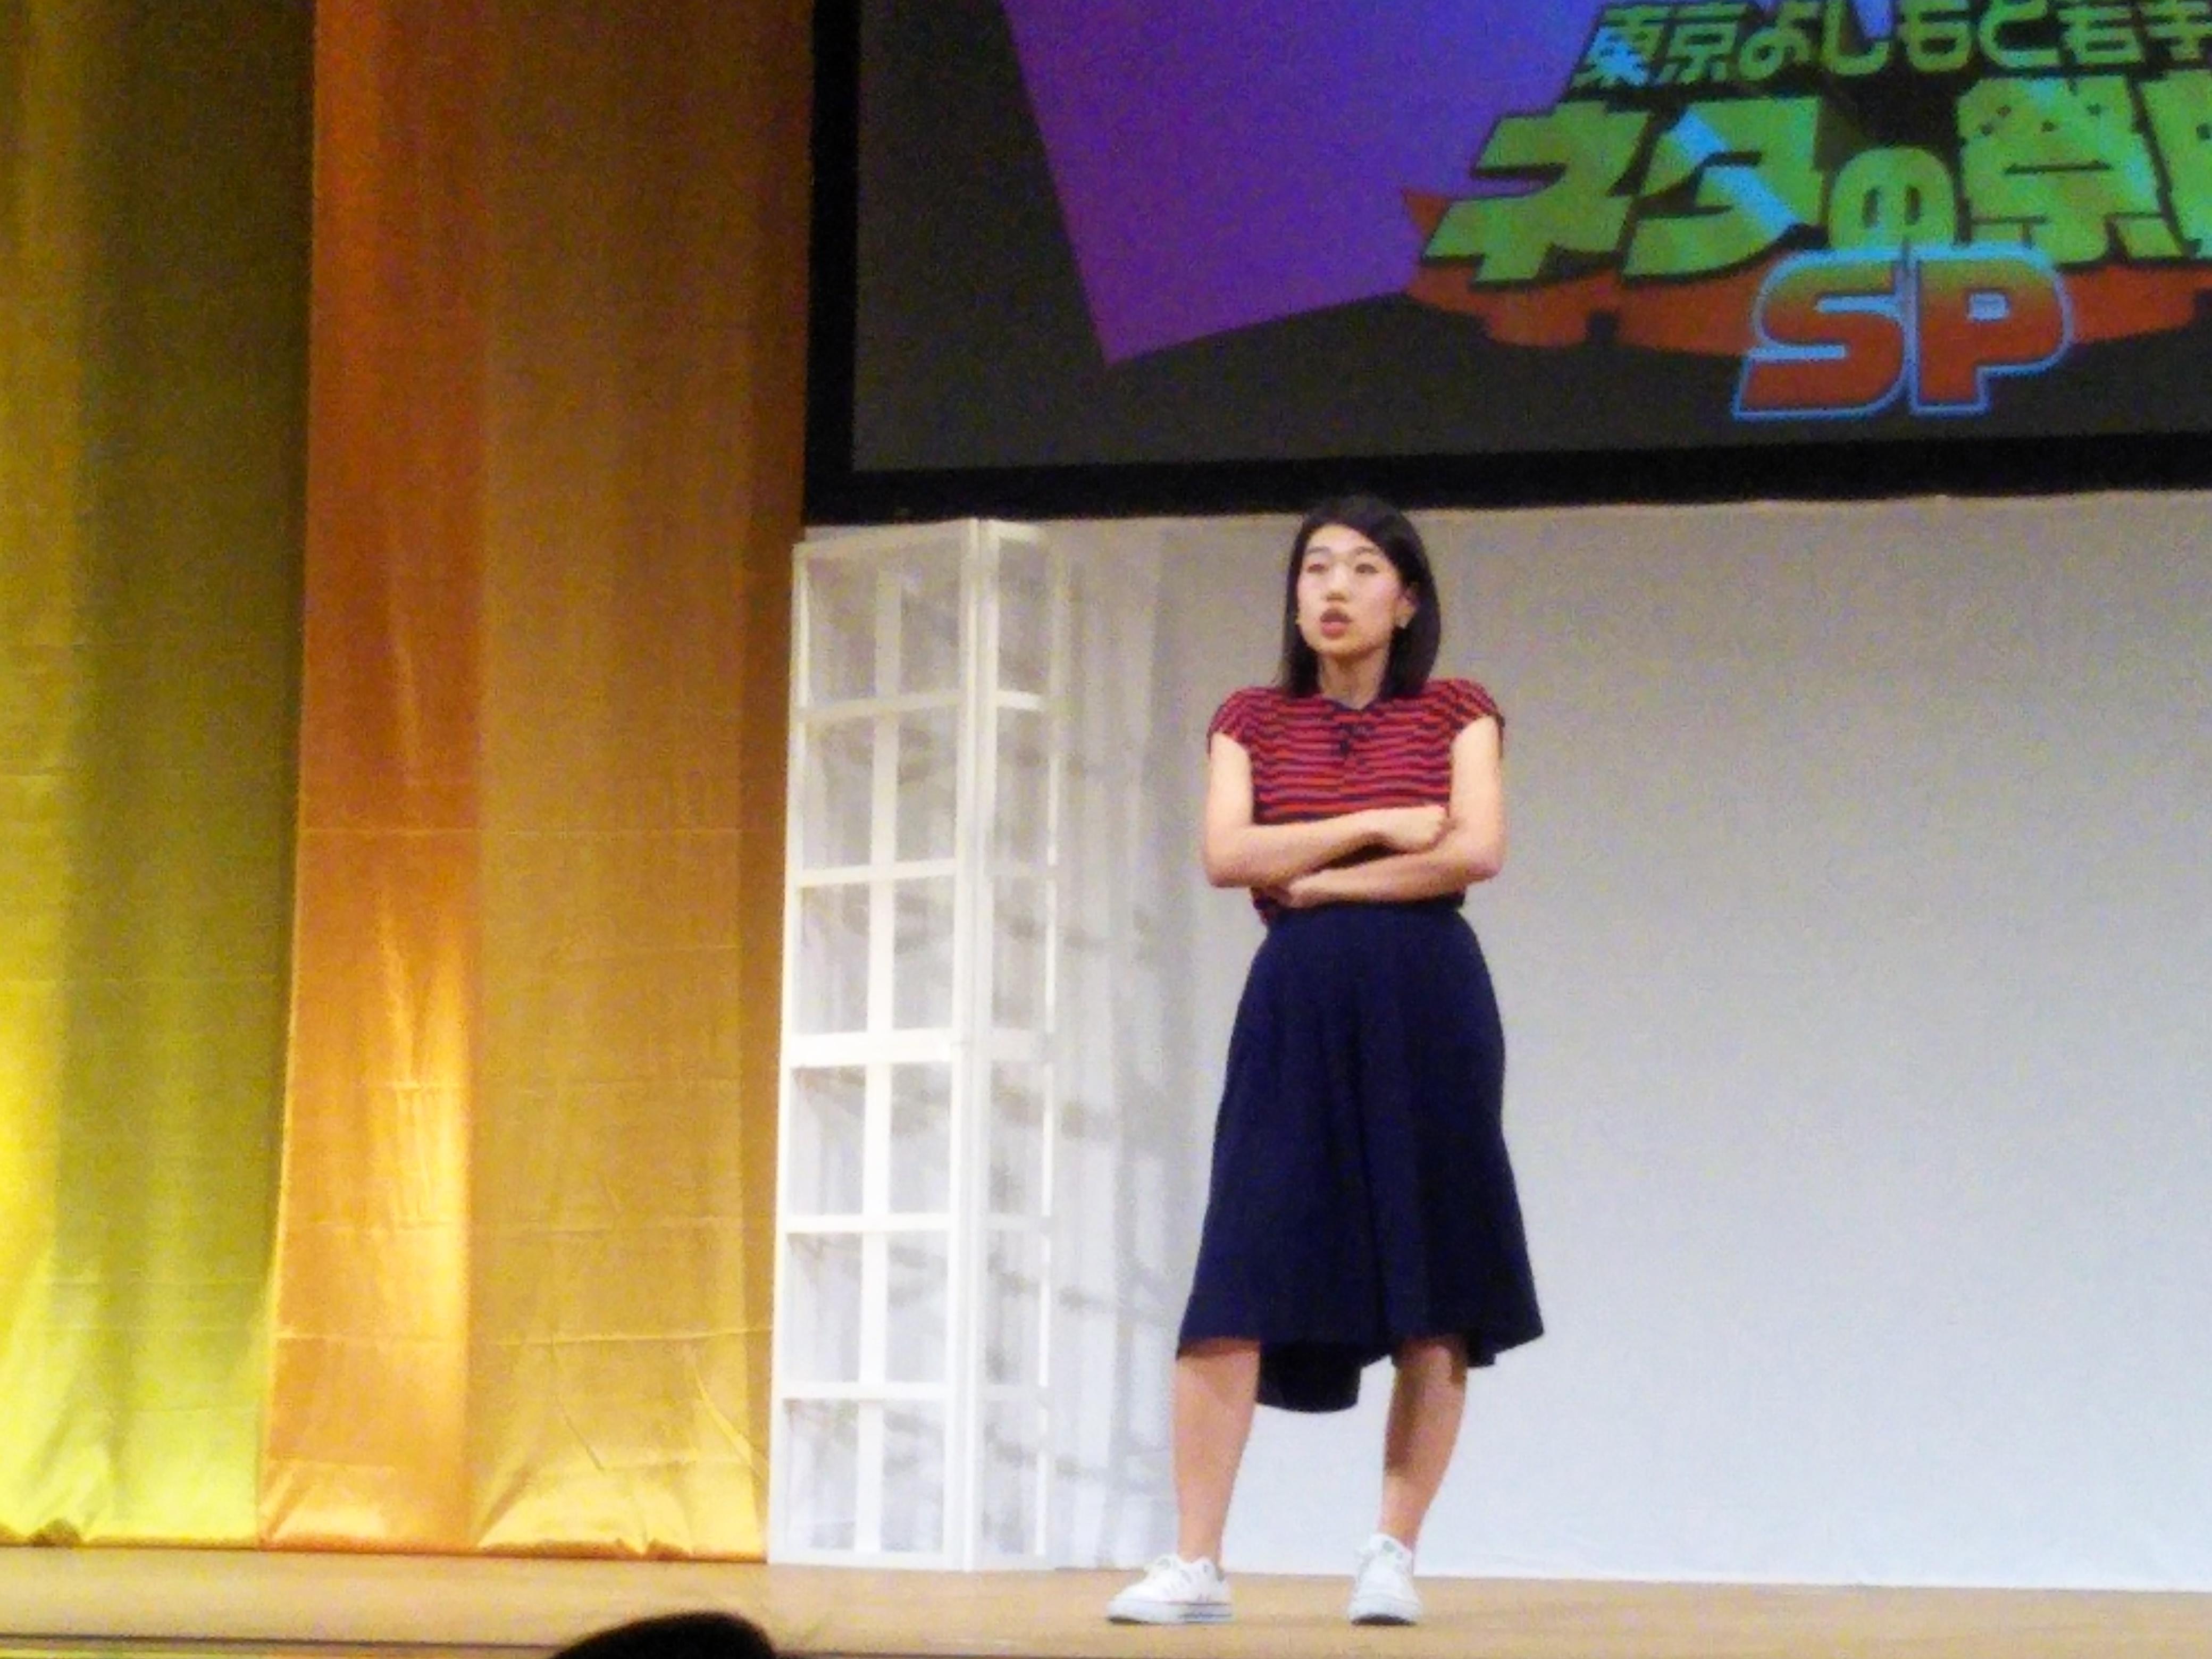 http://news.yoshimoto.co.jp/20180831103744-e11dc9501e1373de41d5a35b8291bb919f4b6148.jpg